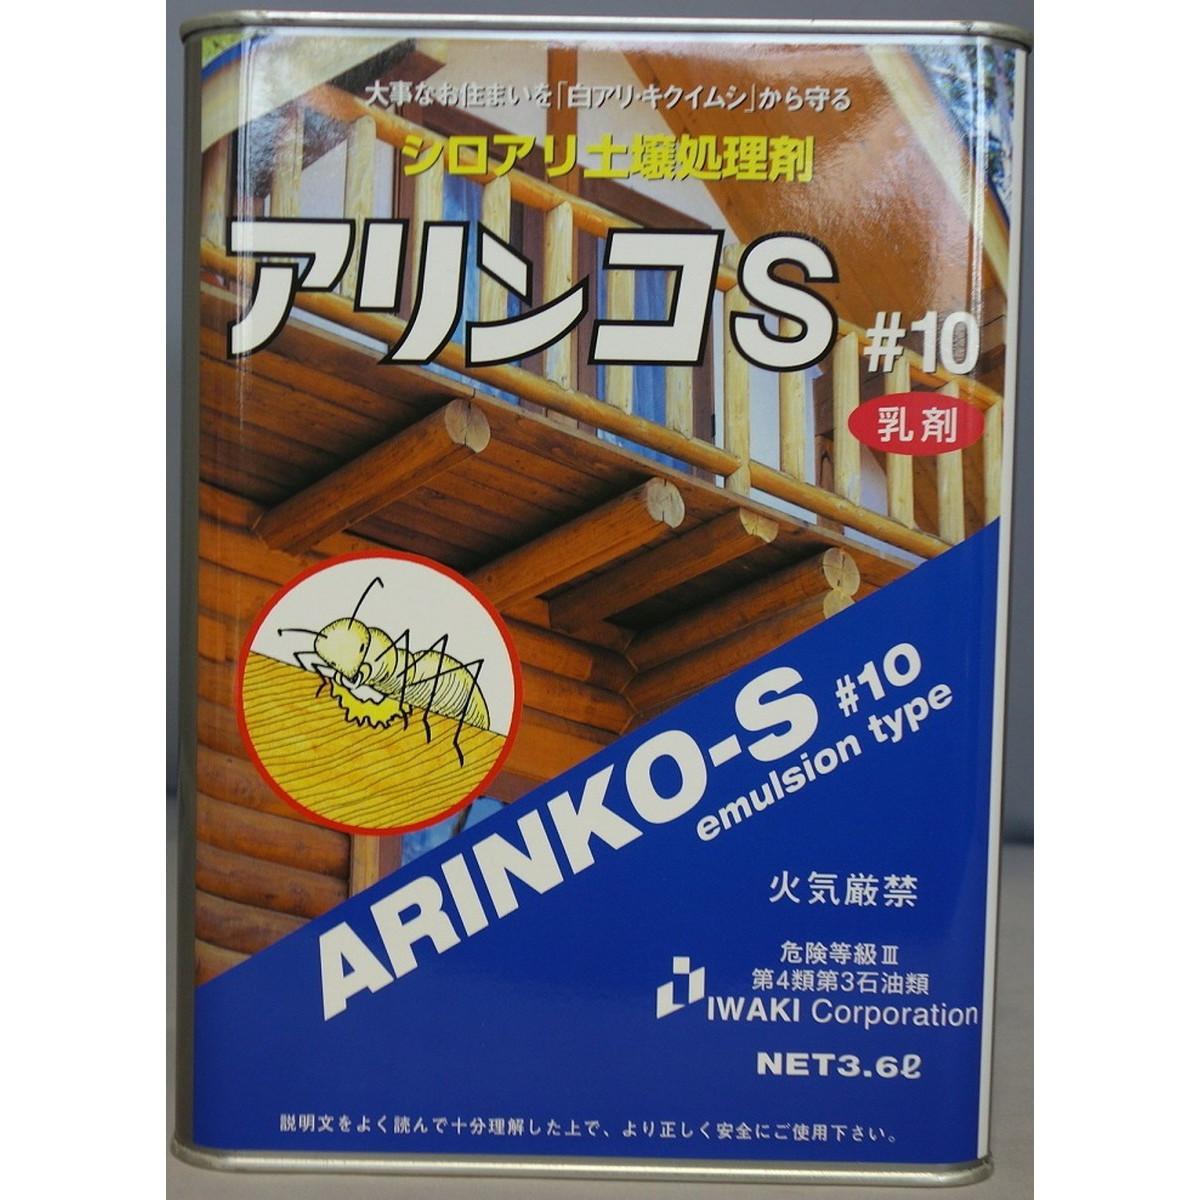 アリンコS乳剤#10オレンジ3.6L【クーポン配布中】